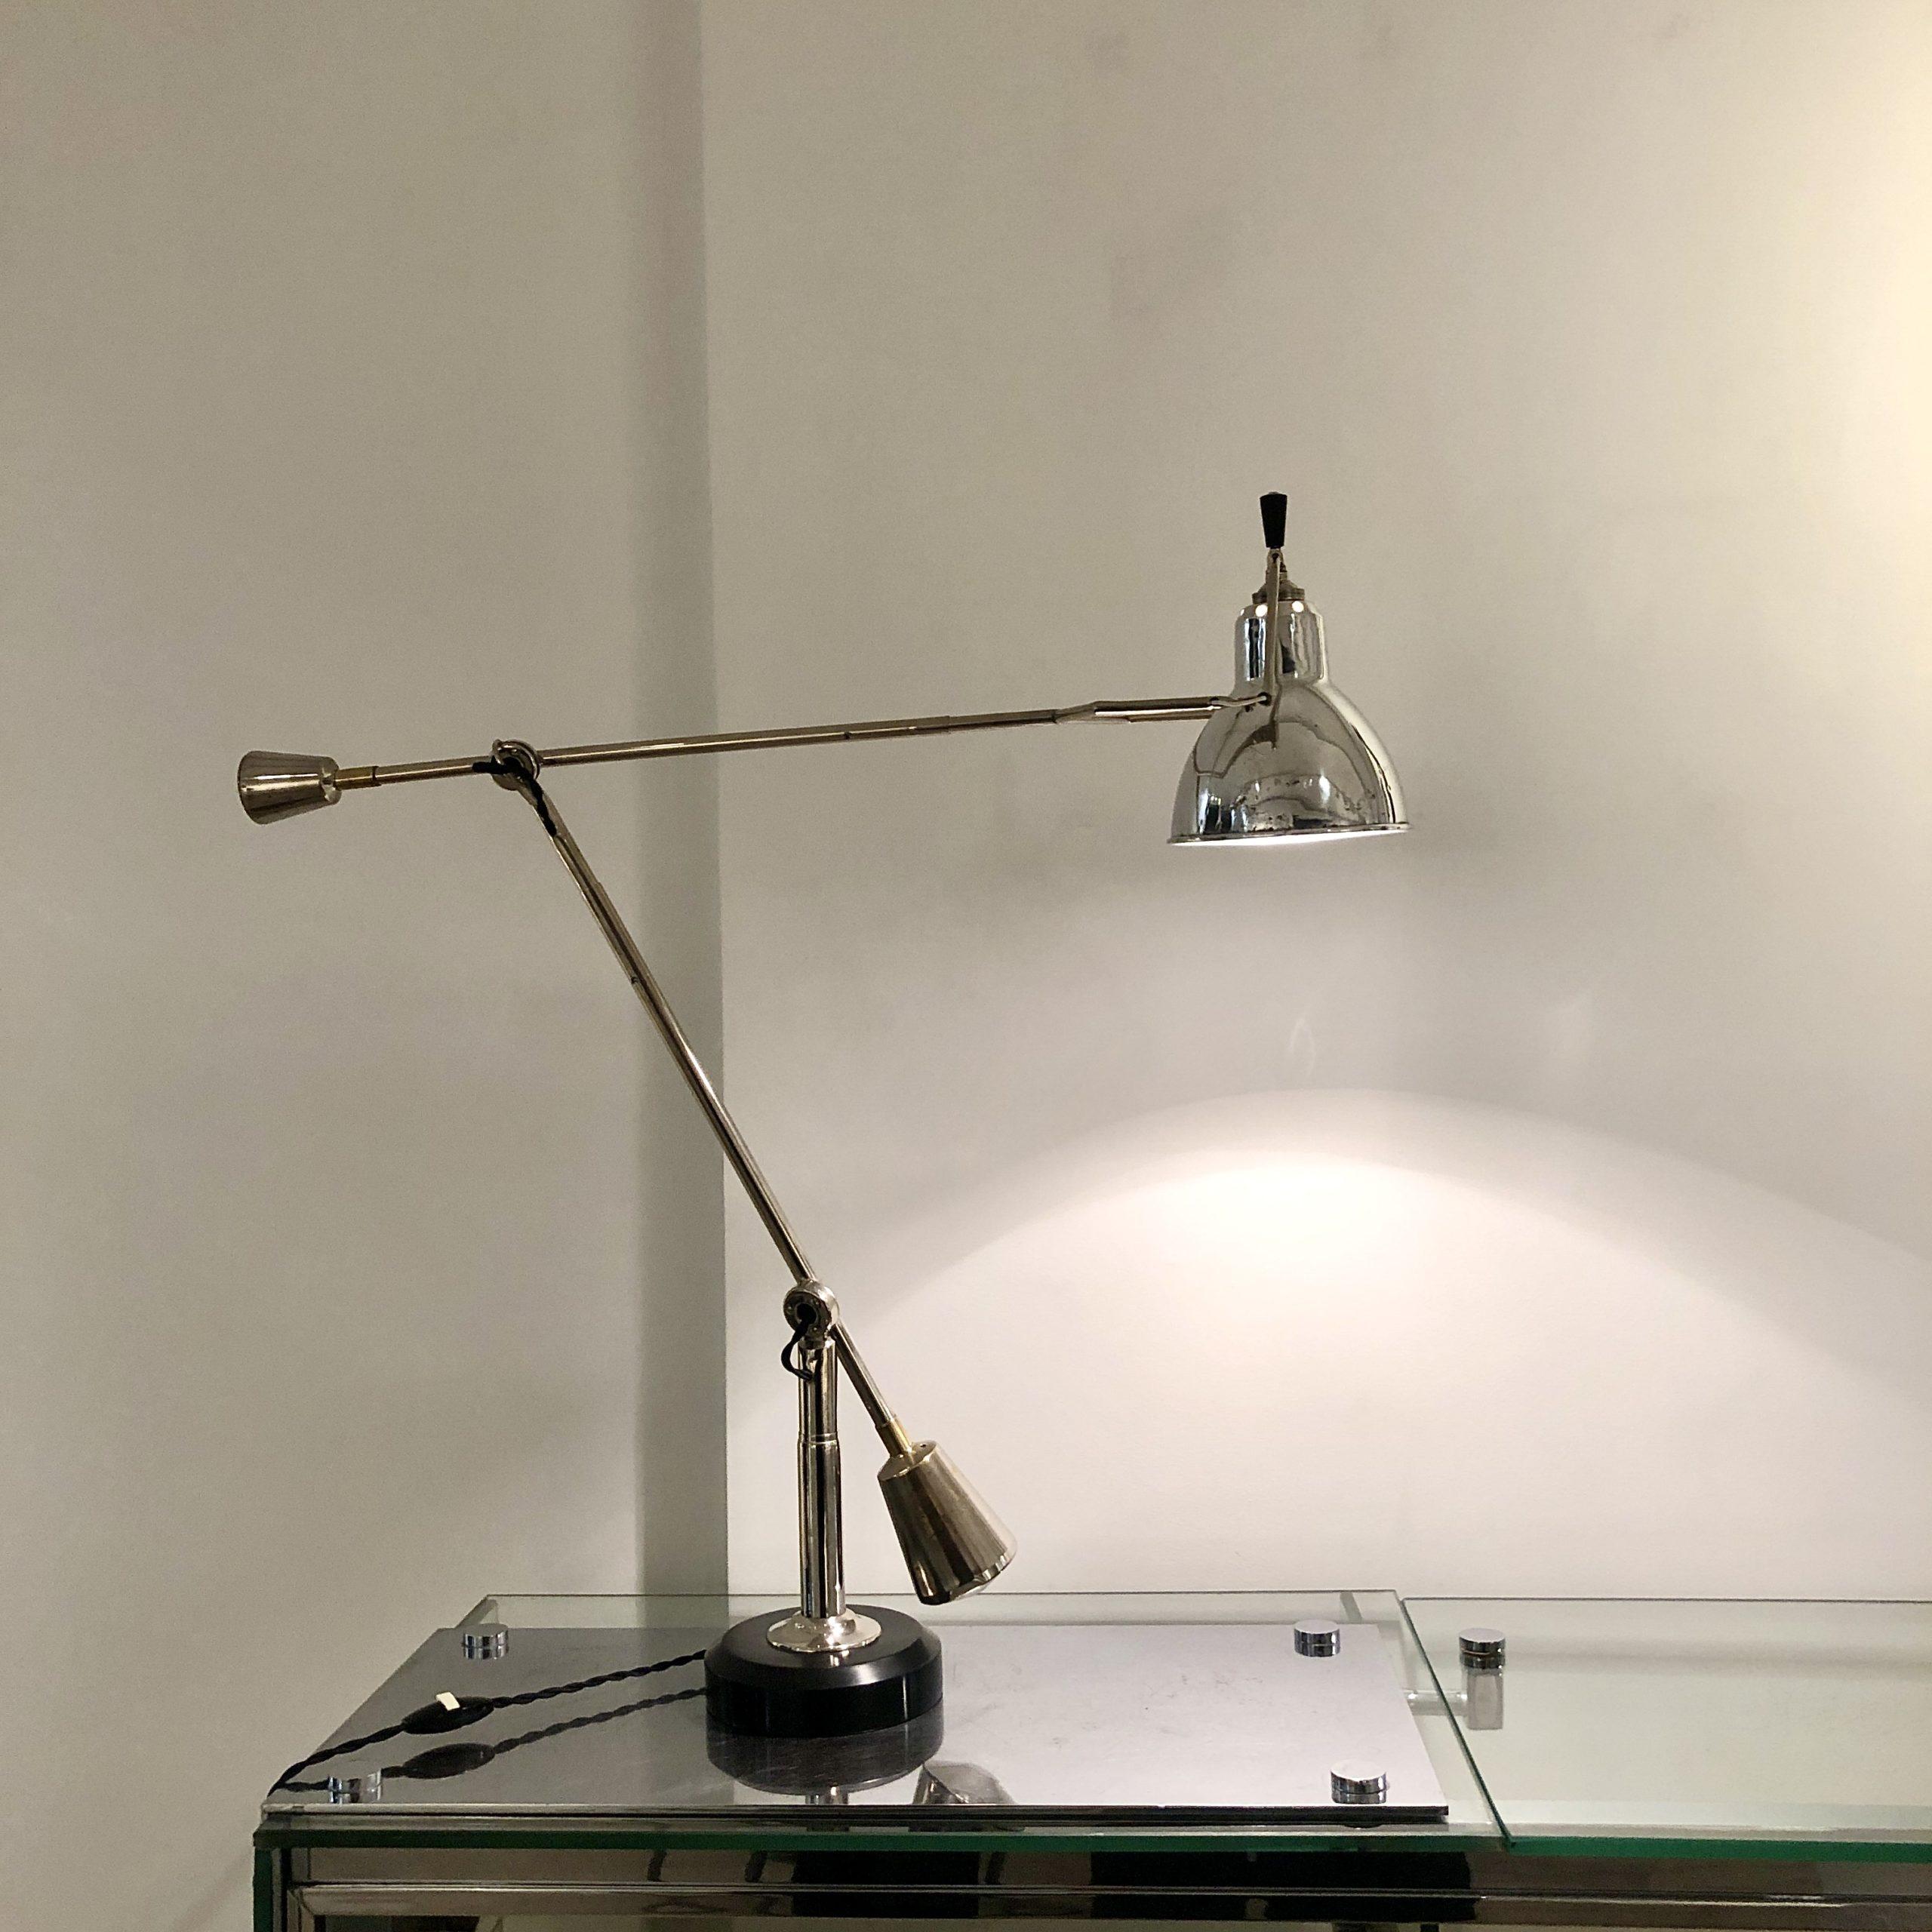 Lampe équilibrée à double balancier